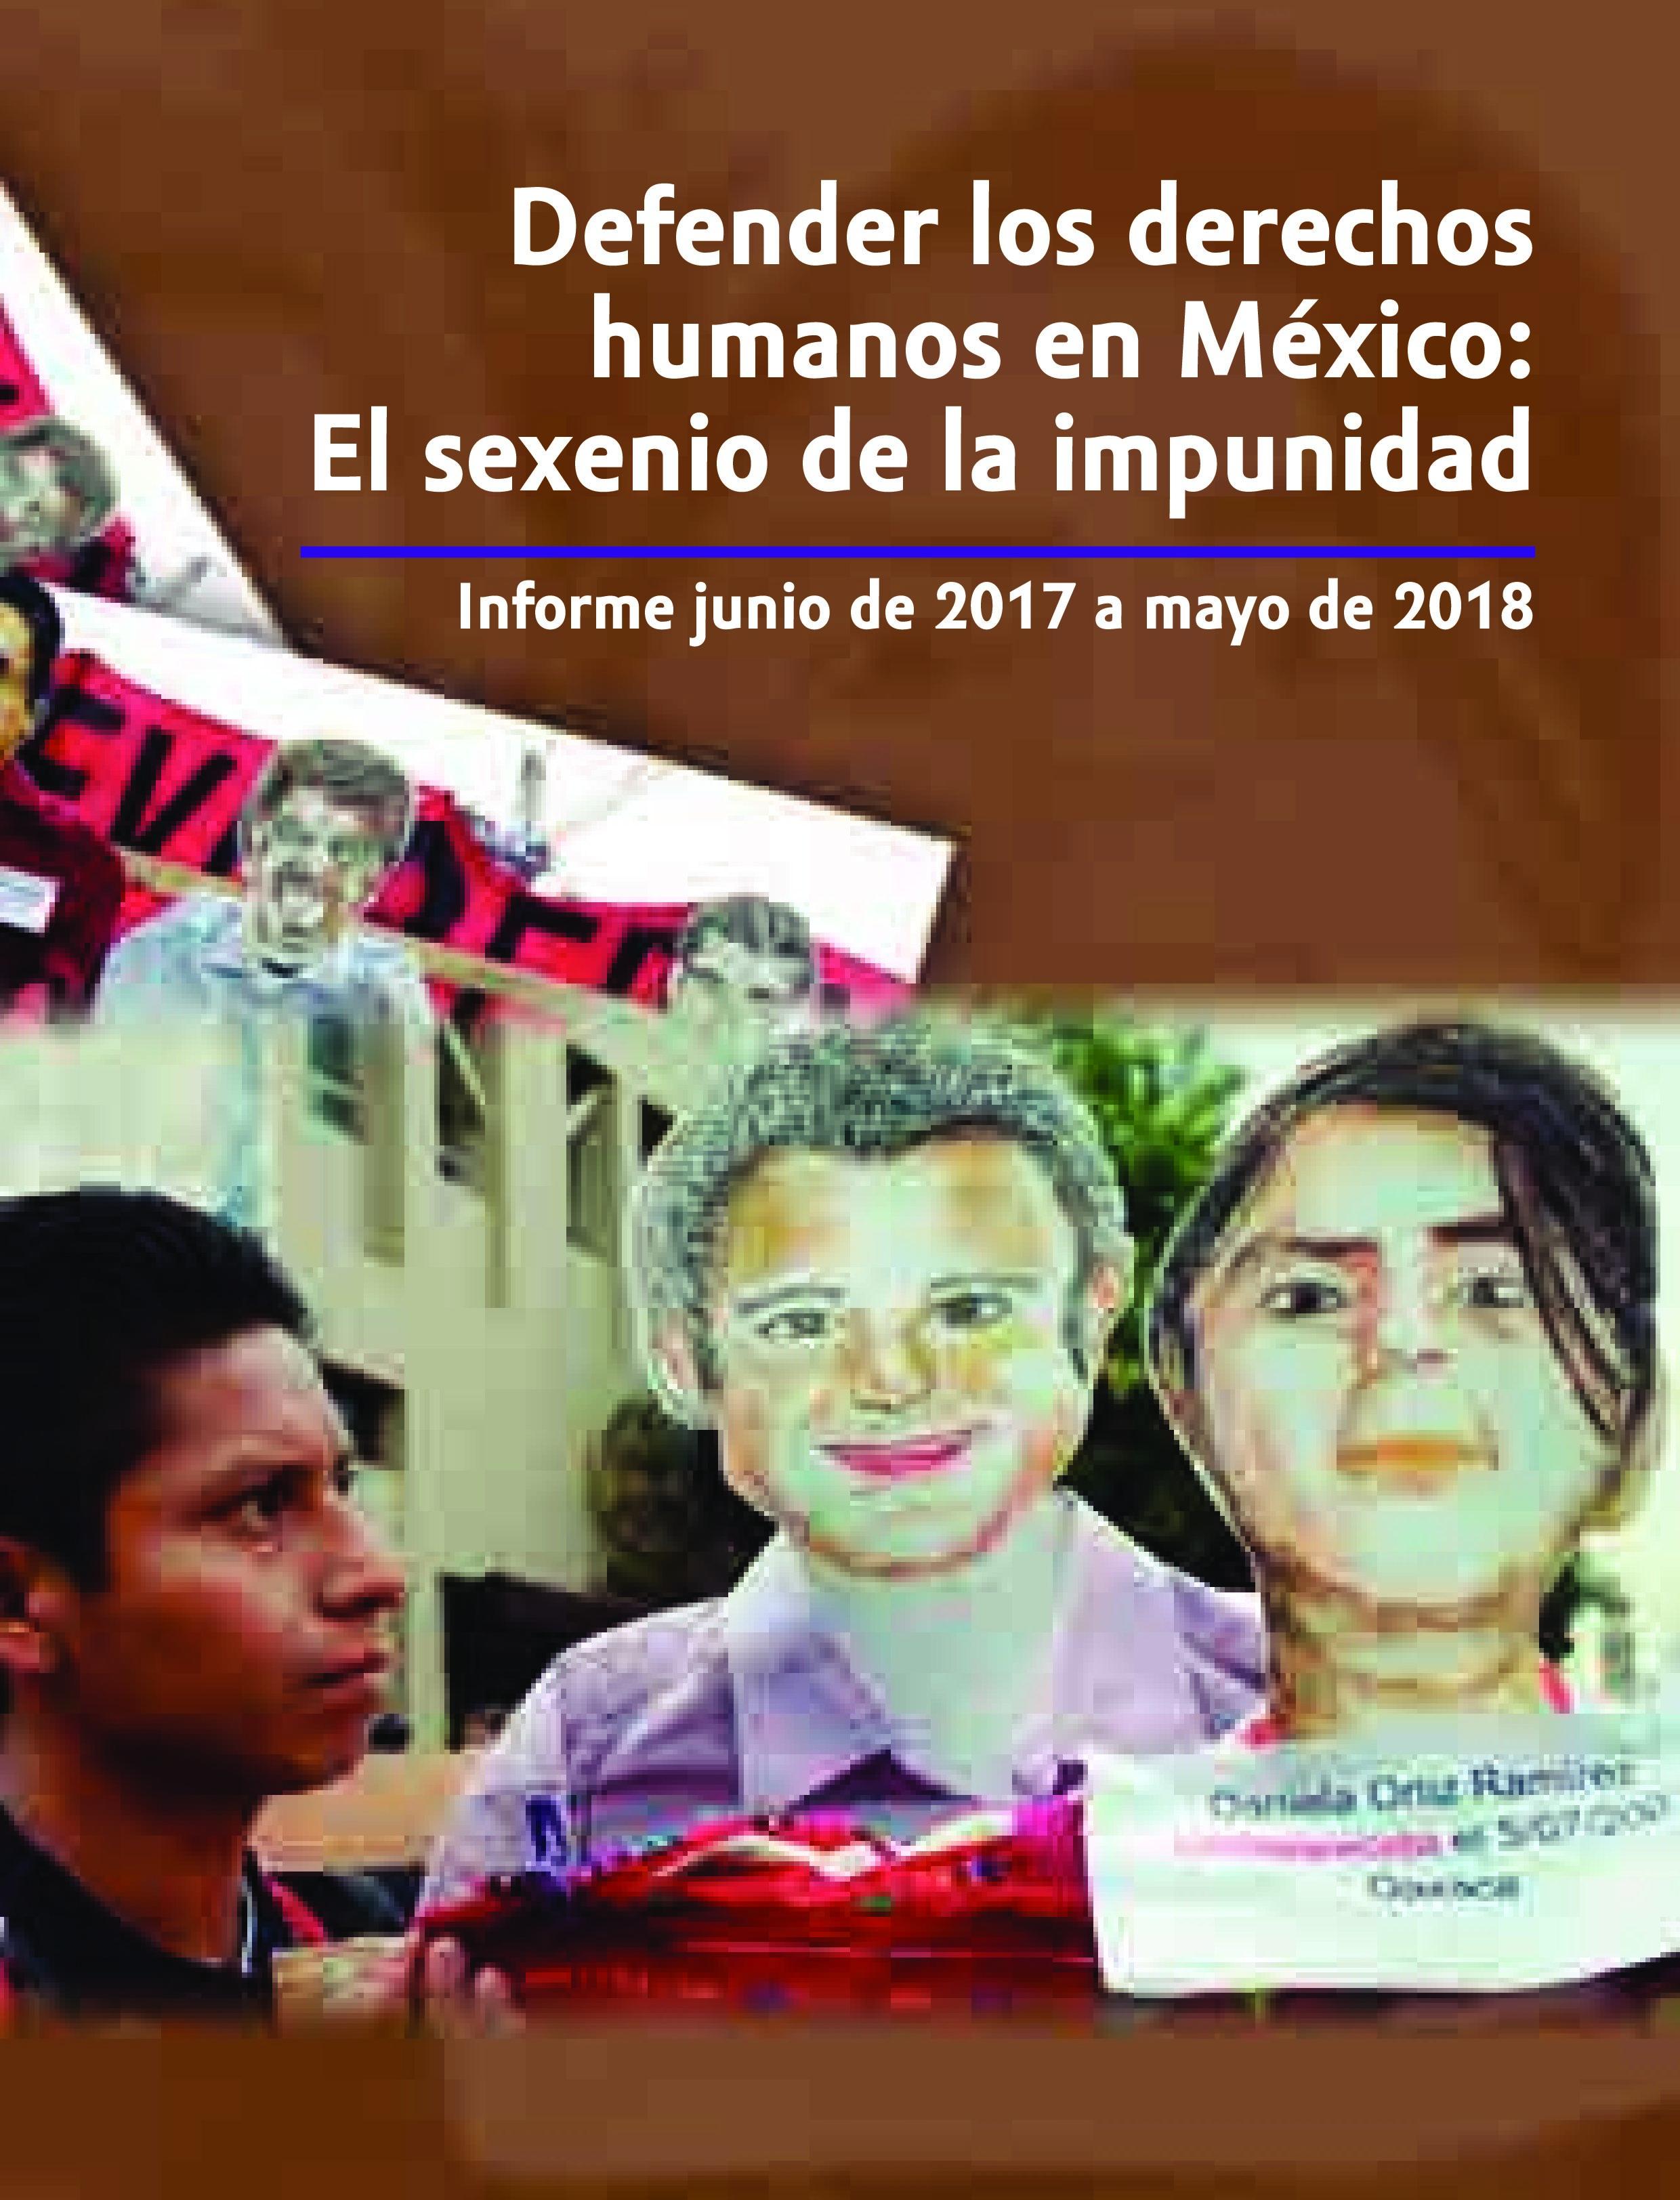 https://pbi-mexico.org/sites/pbi-mexico.org/files/5MiniInformeVDH7_1-1.jpg